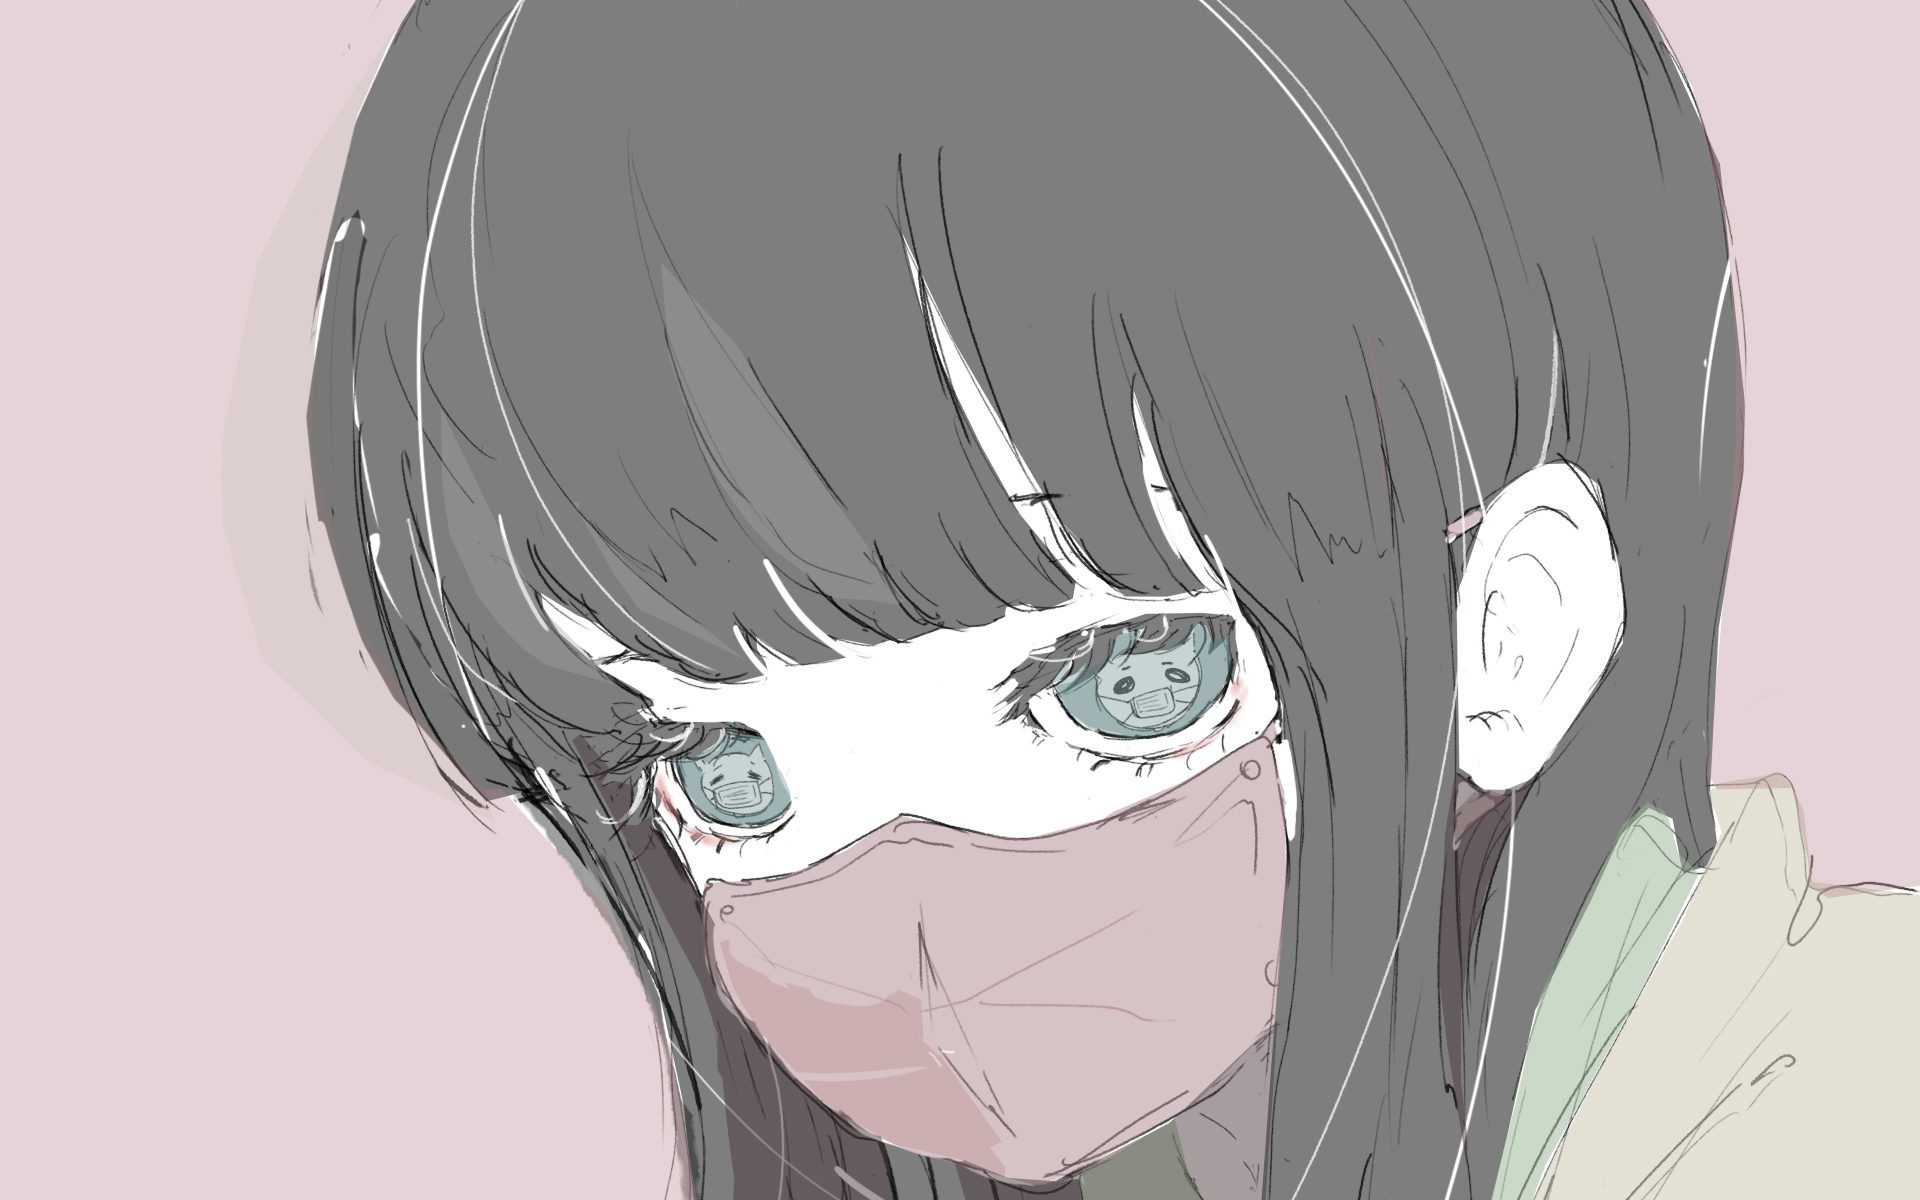 マスクの猫目の女の子のイラスト